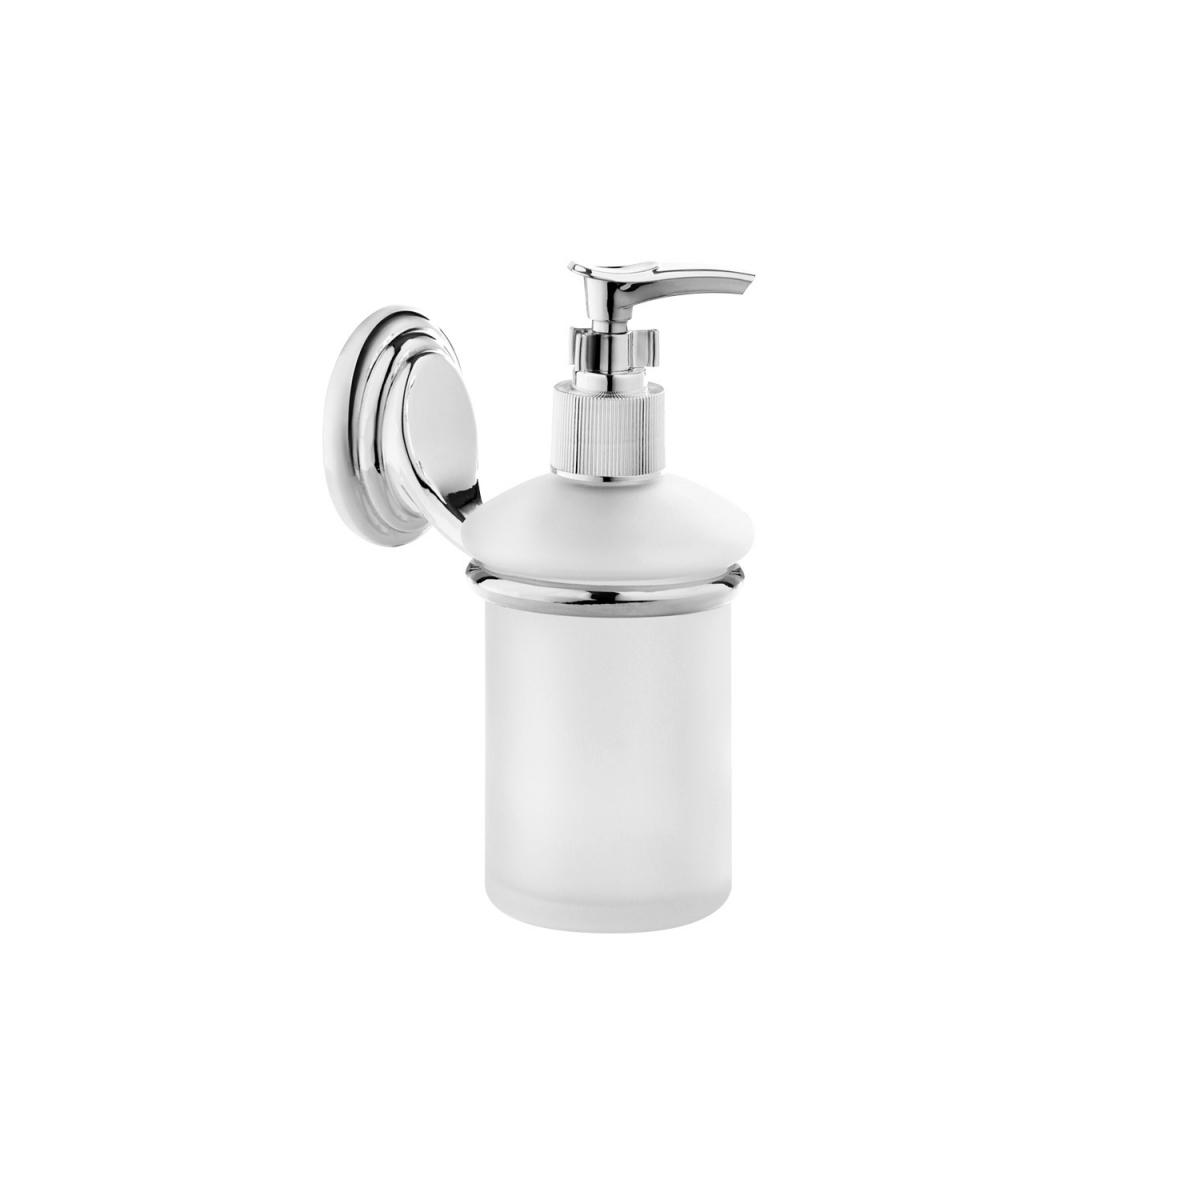 Дозатор для жидкого мыла Fora Noval с держателем 350 мл дозатор для жидкого мыла fora brass керамический